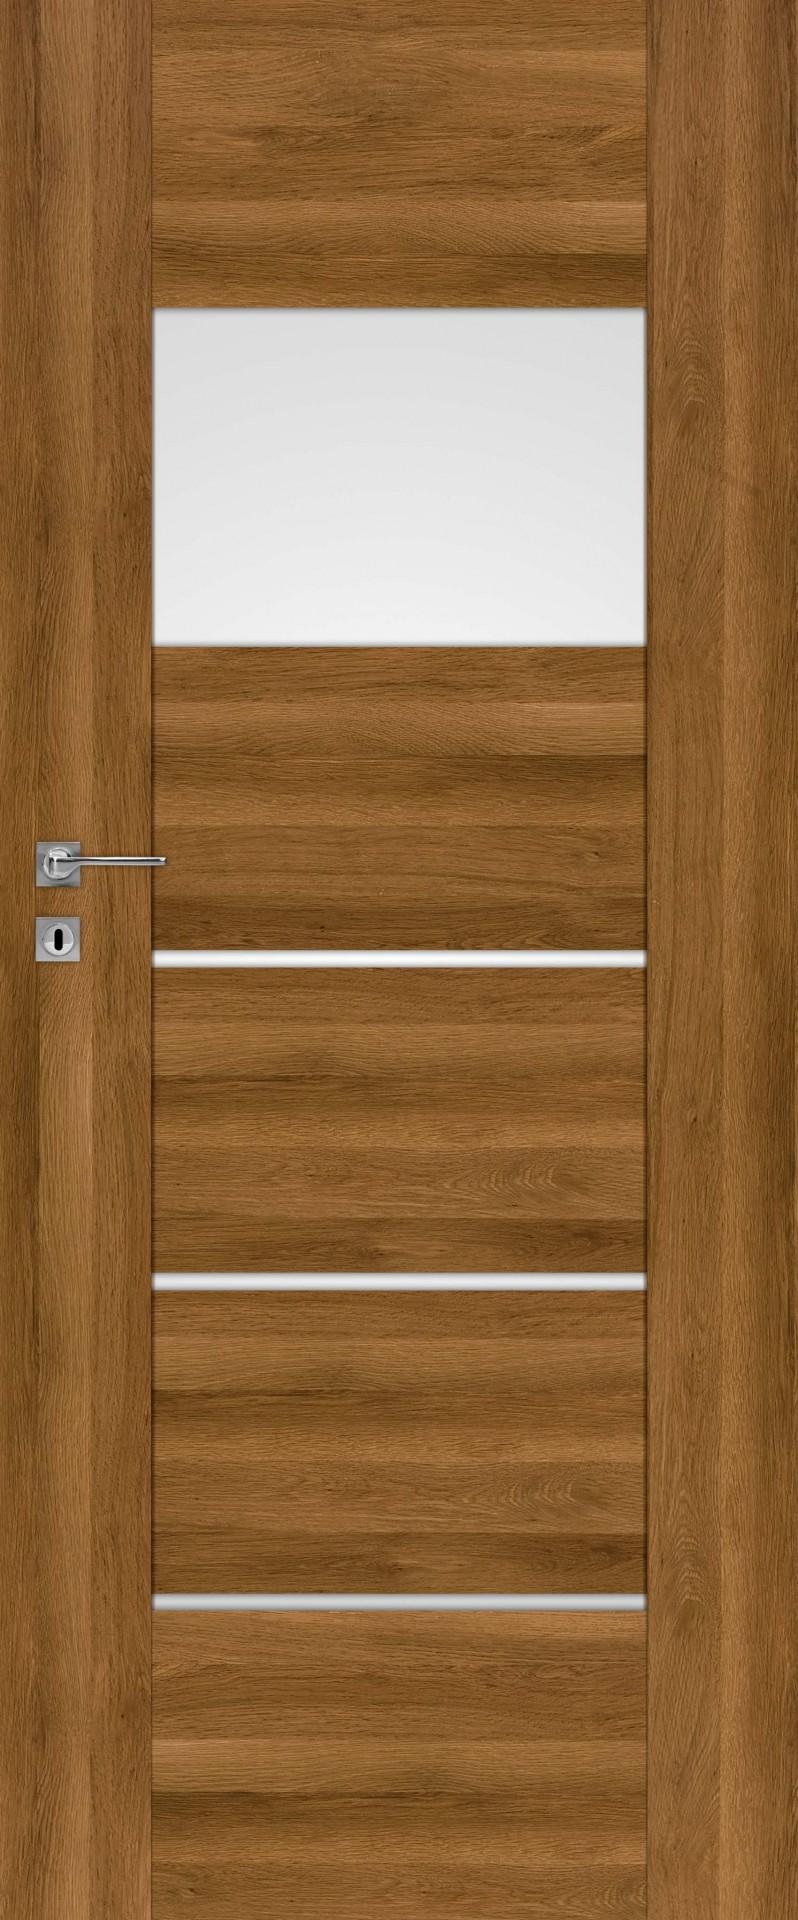 Dre dveře AURI 1, Šíře v cm 80